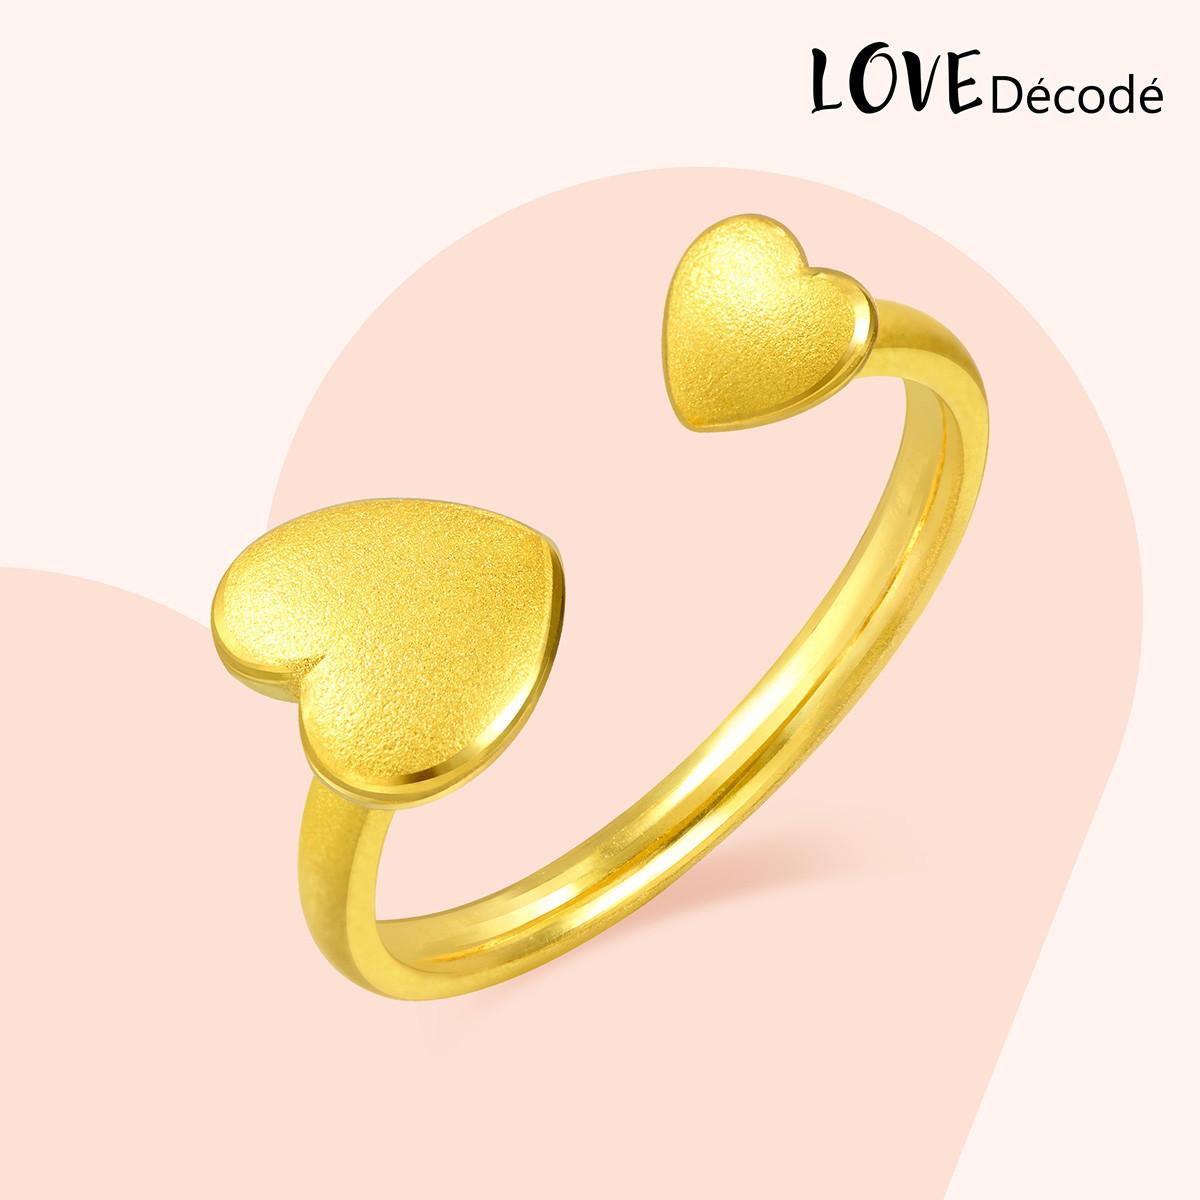 周生生周生生足金爱情密语心相印戒指黄金戒指B90218r如图